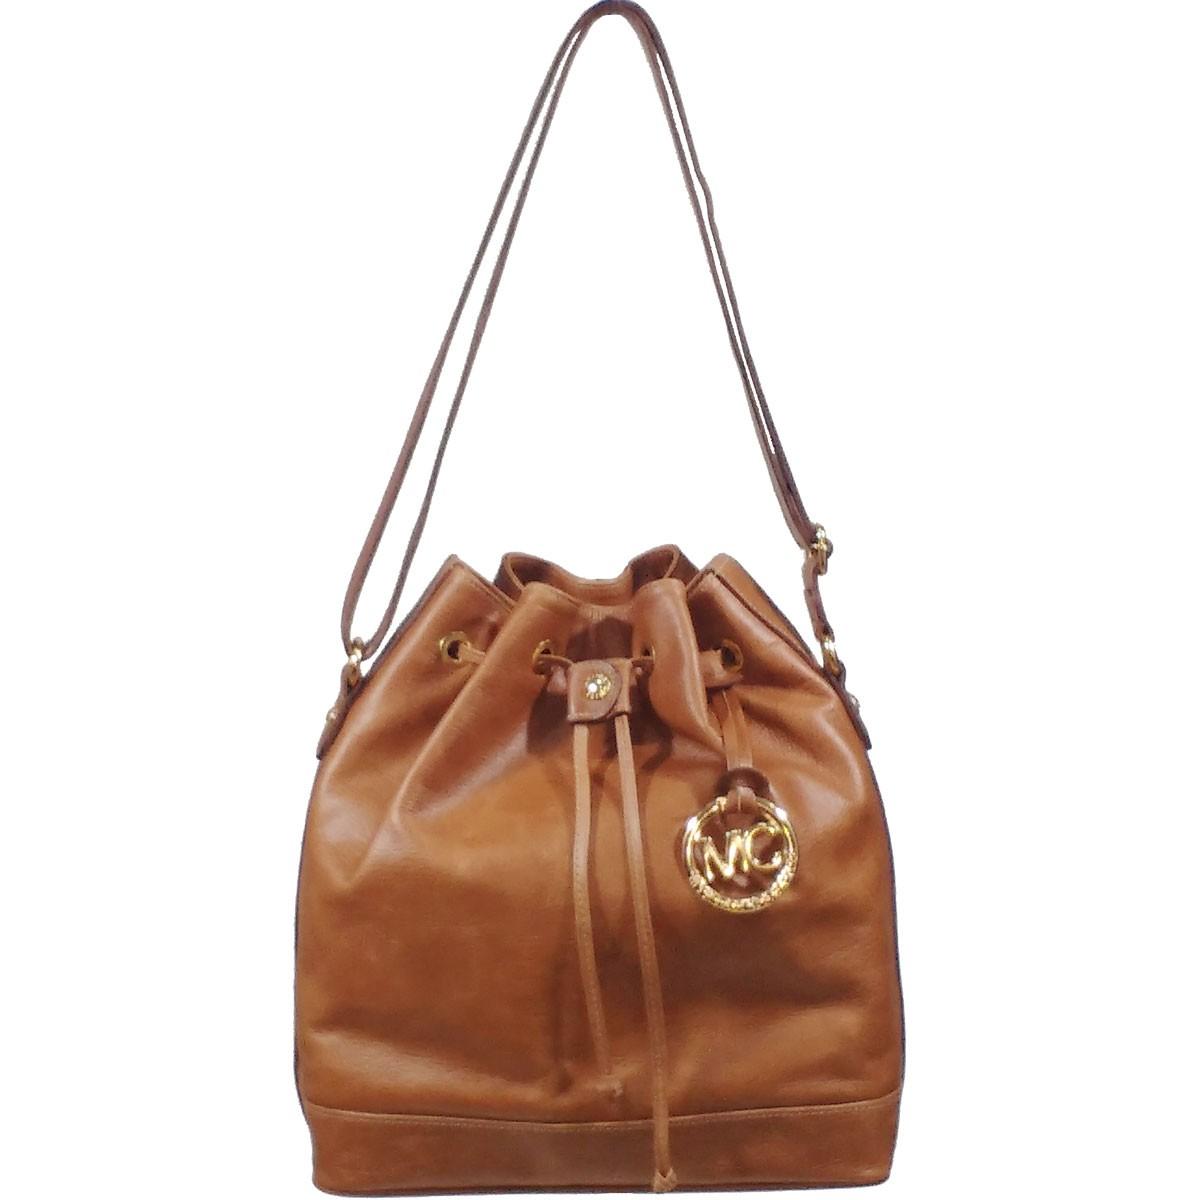 Bolsa De Couro Tipo Saco : Bolsa feminina tipo saco em couro leg?timo com al?a